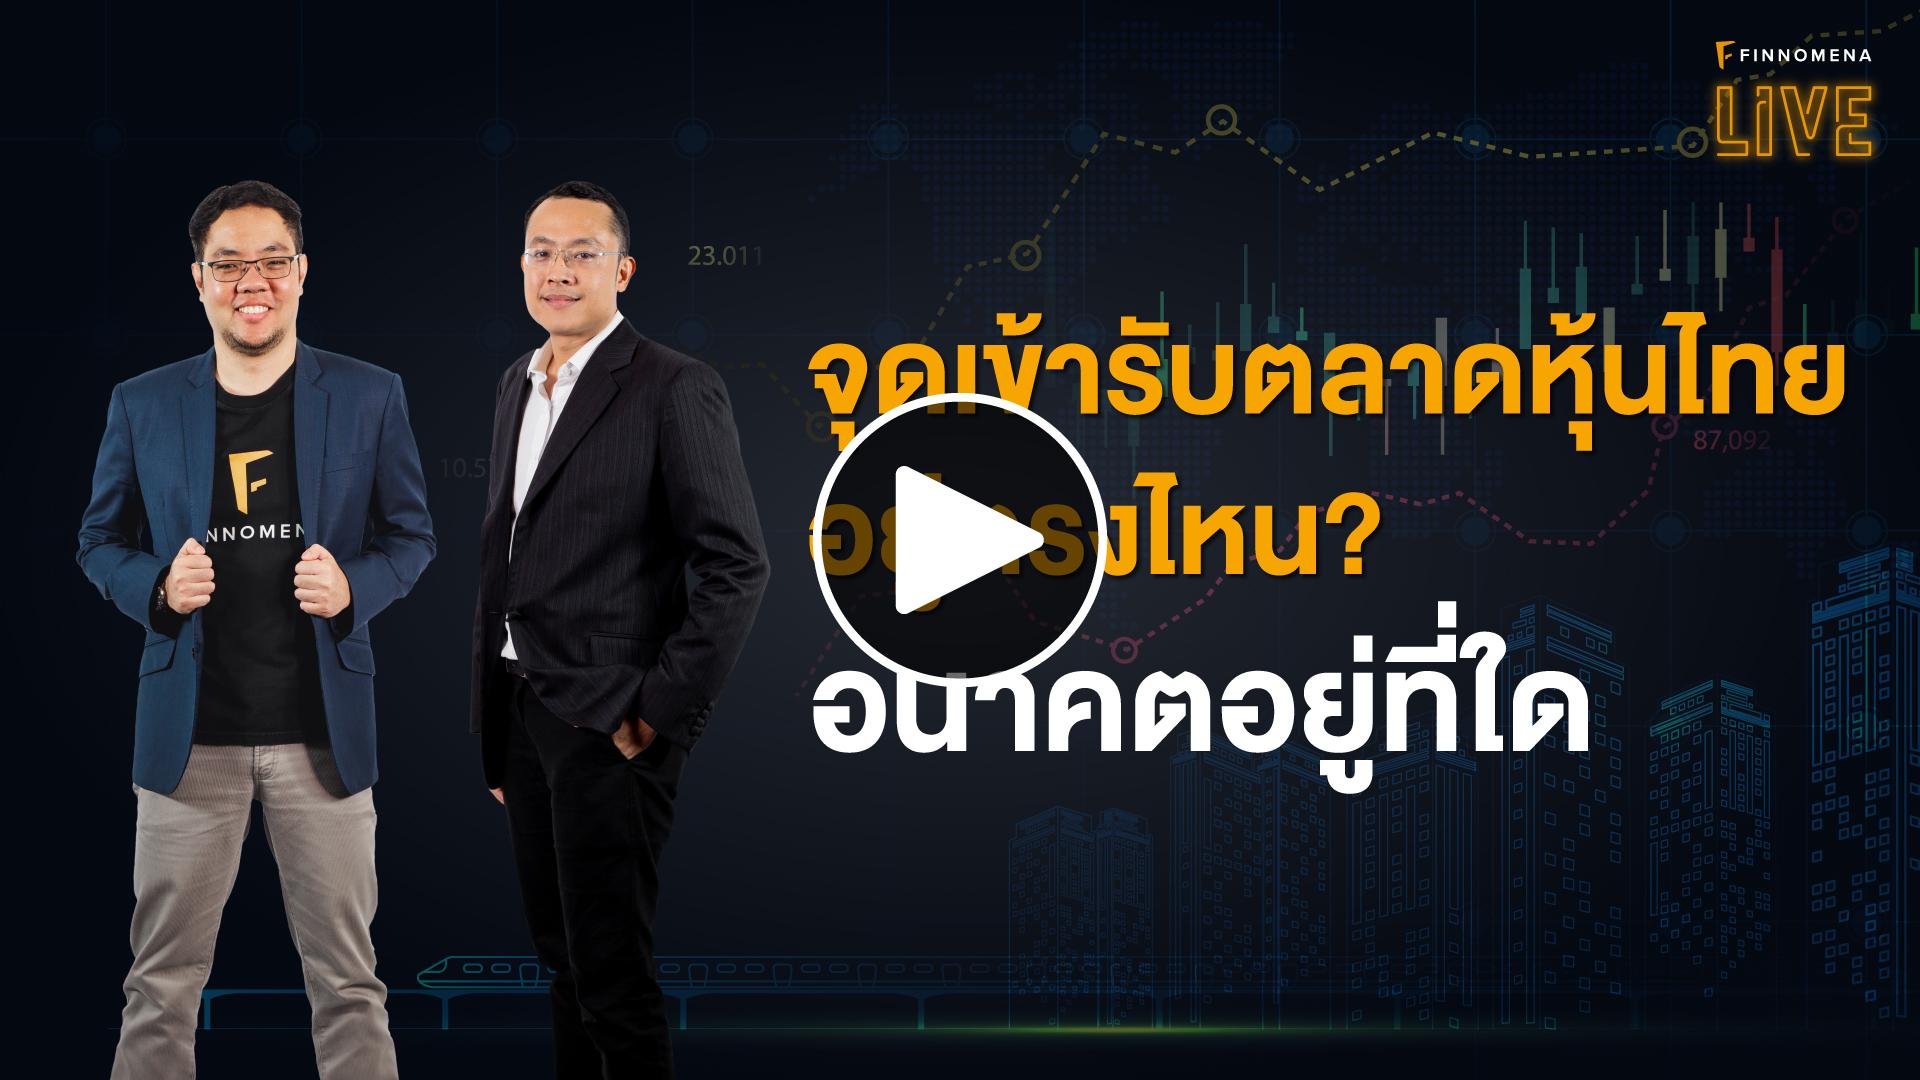 จุดเข้ารับตลาดหุ้นไทยอยู่ตรงไหน อนาคตอยู่ที่ใด - FINNOMENA LIVE